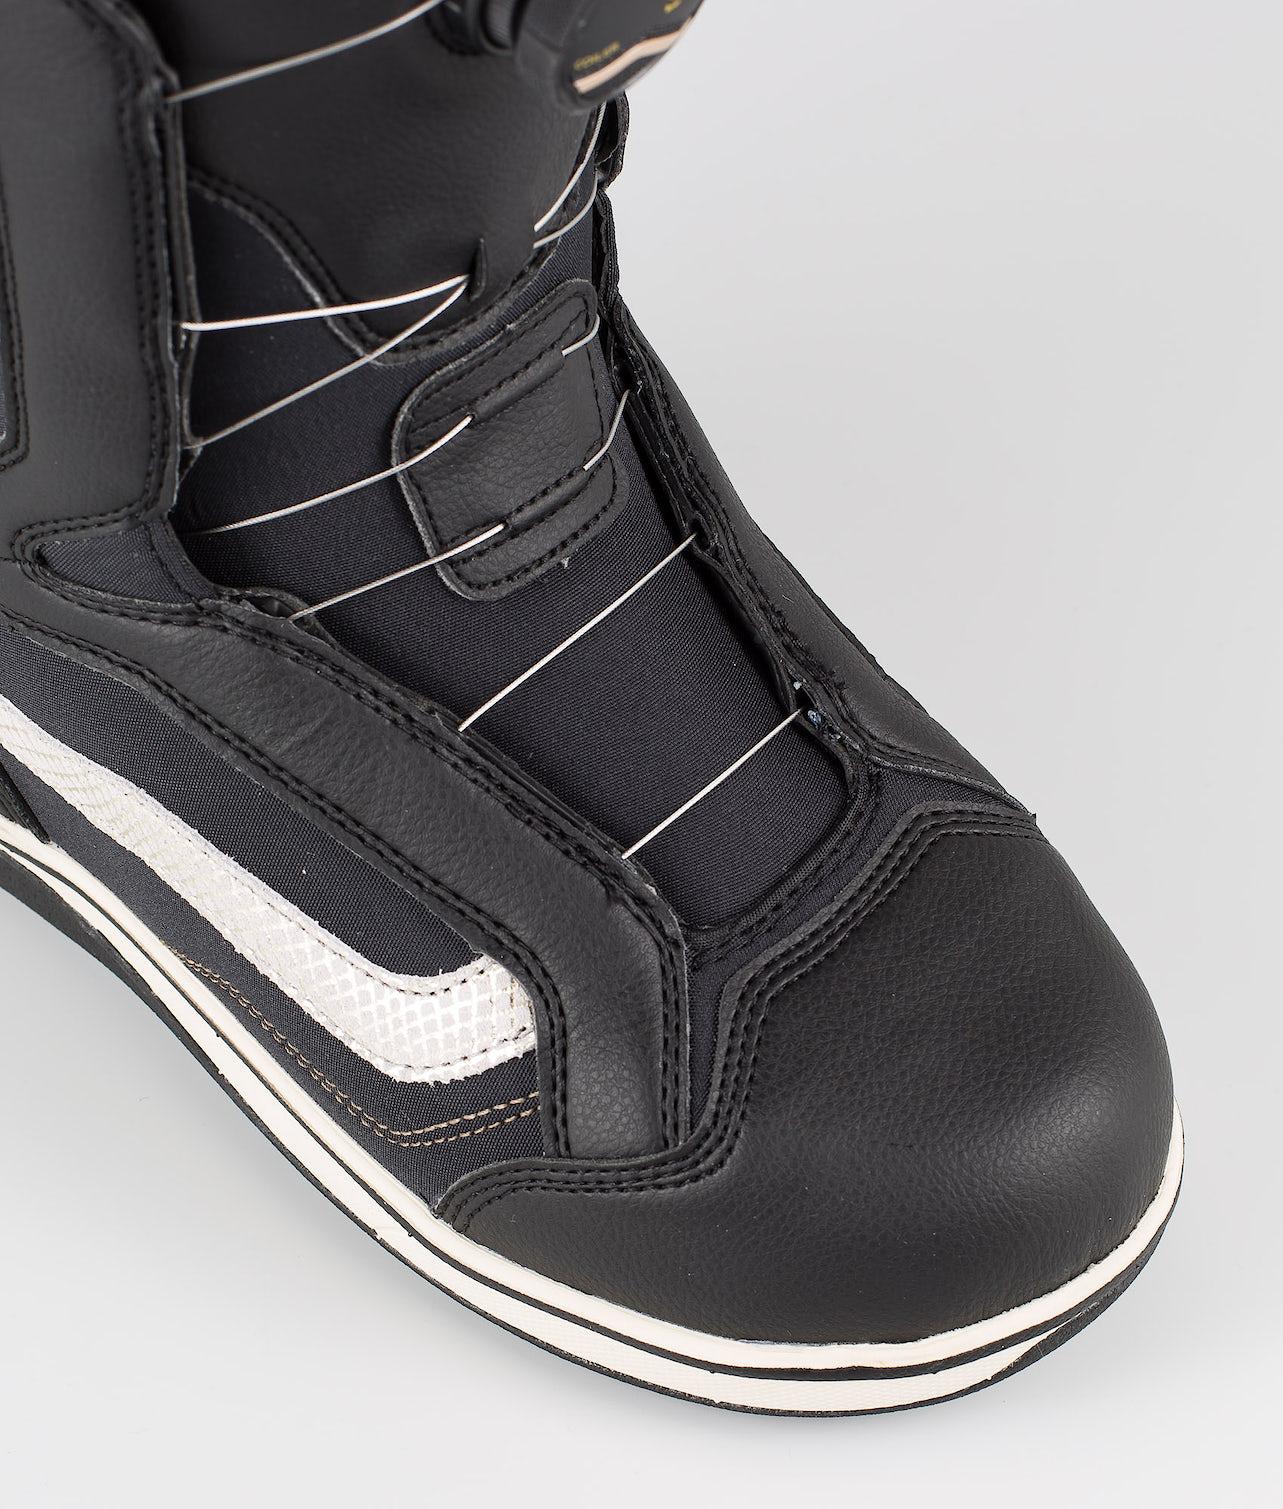 Kjøp Encore Pro Boots fra Vans Snowboarding på Ridestore.no - Hos oss har du alltid fri frakt, fri retur og 30 dagers åpent kjøp!